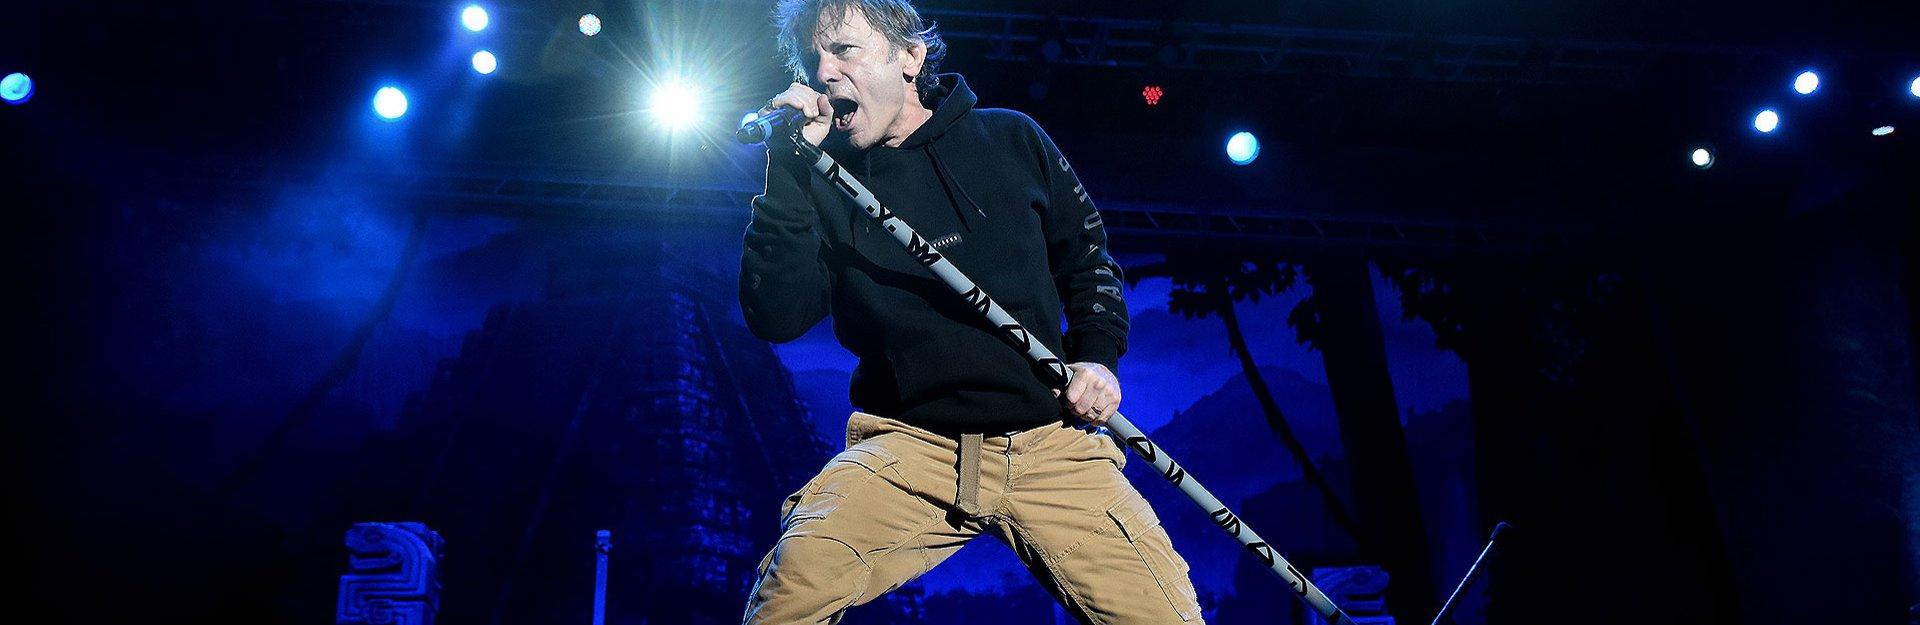 Tras un cáncer que lo mantuvo alejado de la música,Bruce Dickinson vuelve a brillar en el escenario.